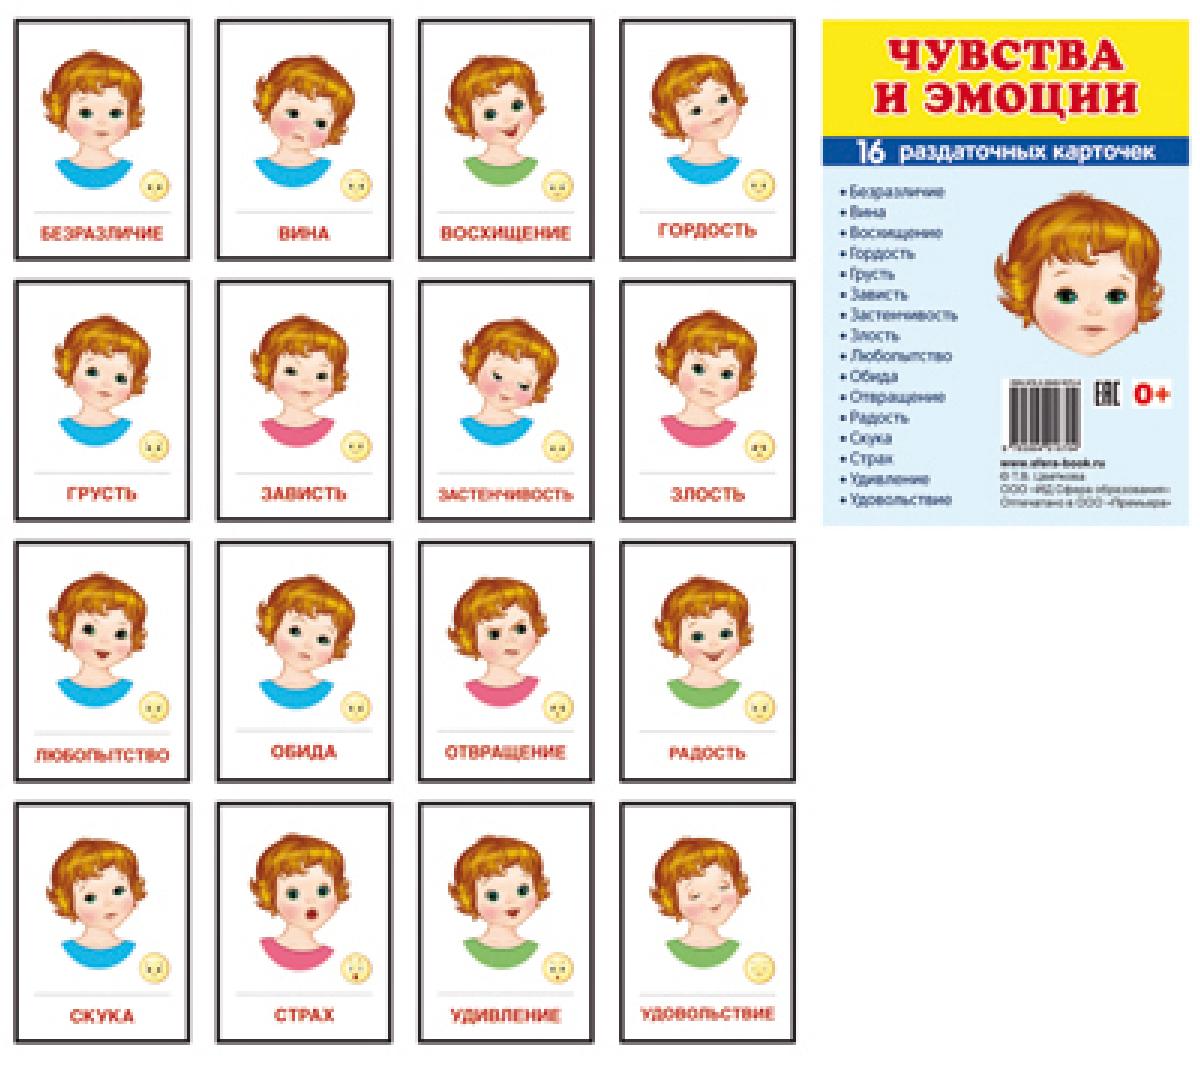 Т. В. Цветкова Чувства и эмоции. Раздаточные картинки (набор из 16 карточек) т в цветкова зимующие птицы раздаточные картинки набор из 16 карточек